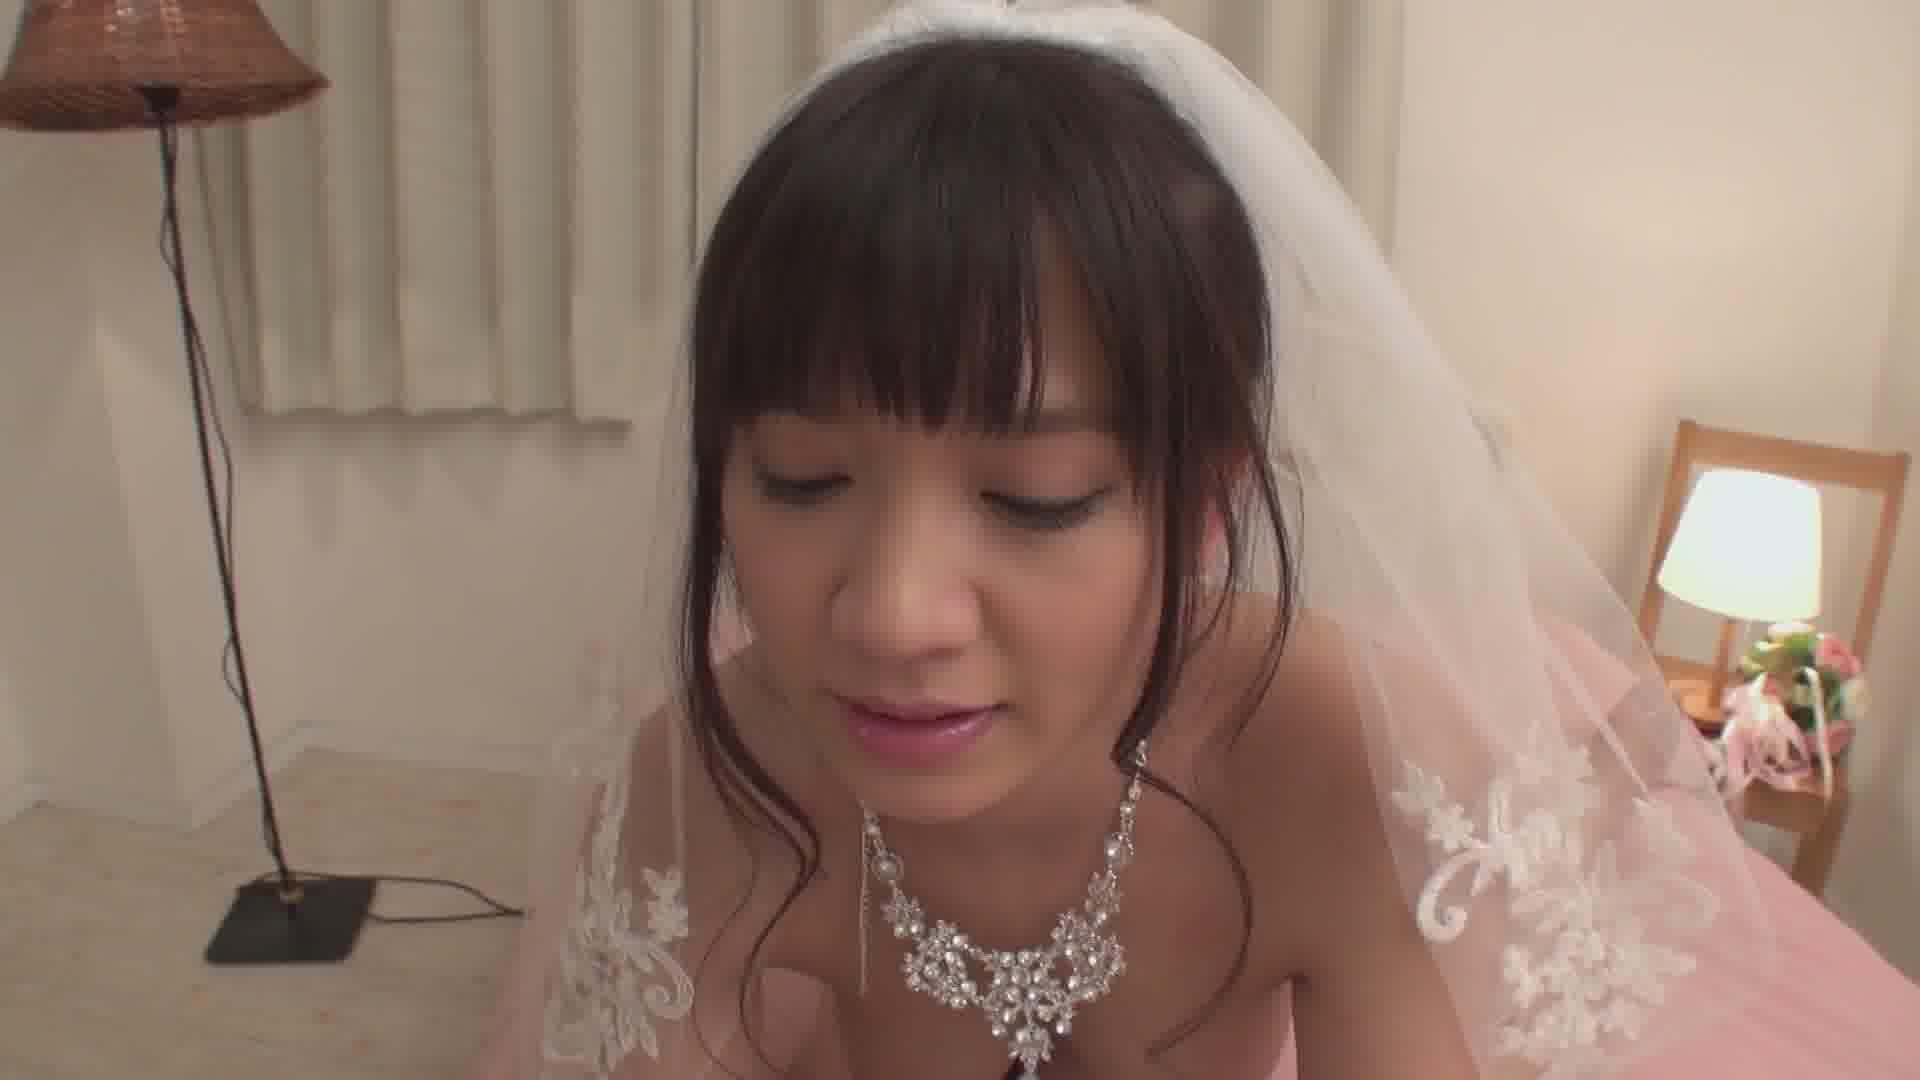 仲村さりがぼくのお嫁さん - 仲村さり【ハメ撮り・巨乳・エプロン】